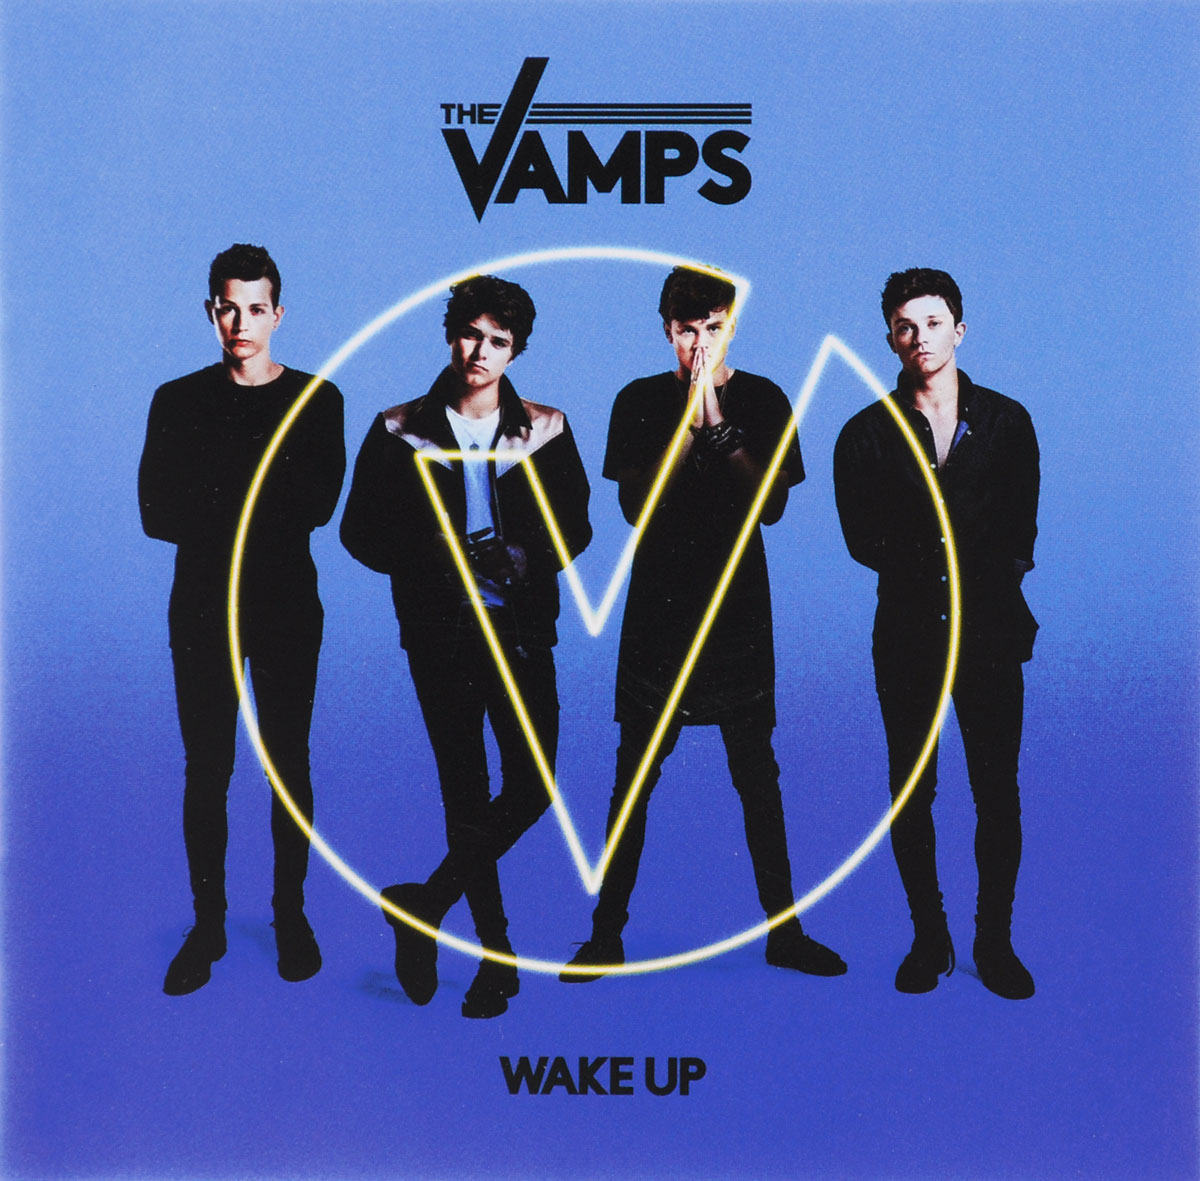 The Vamps The Vamps. Wake Up the vamps the vamps wake up